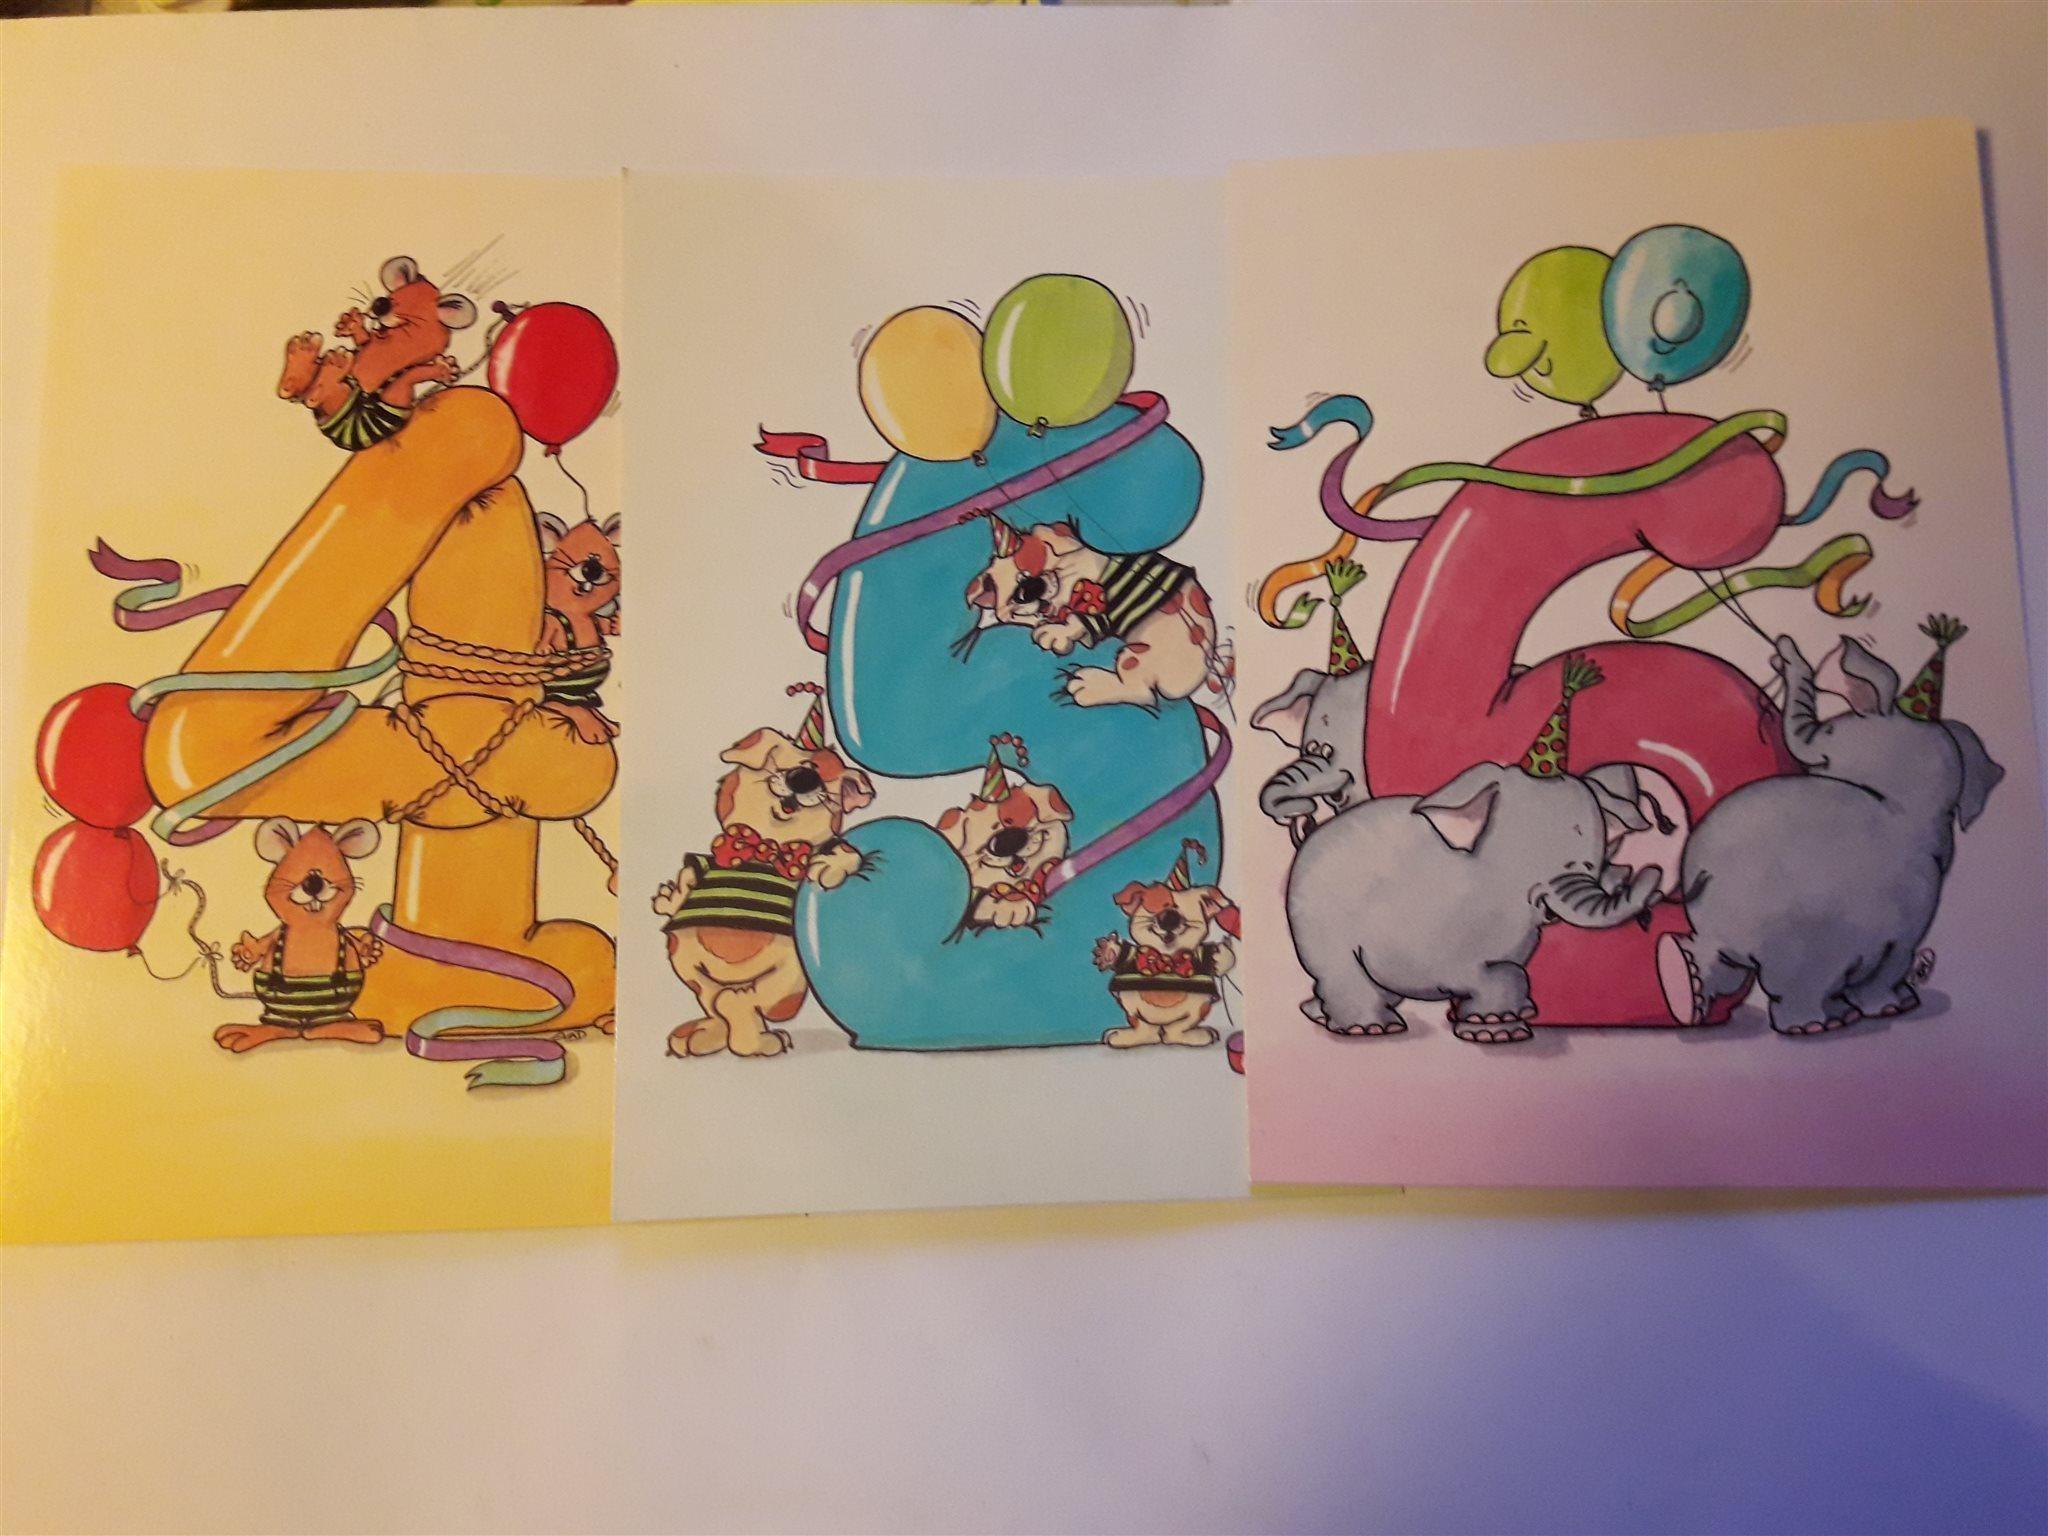 vykort födelsedagskort BARN..VykortFödelsedagskort (311357487) ᐈ Köp på Tradera vykort födelsedagskort